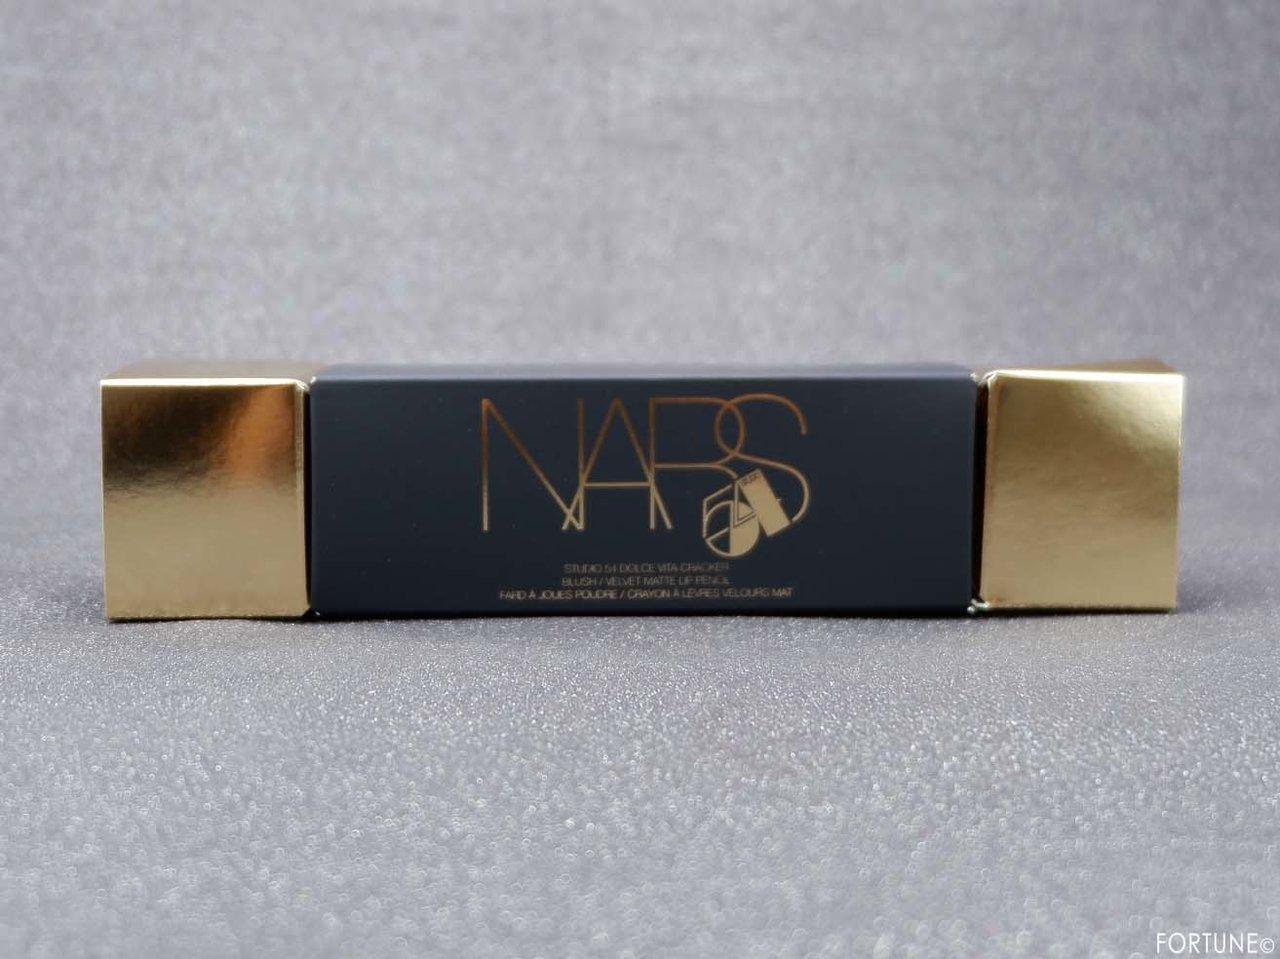 画像:NARS(ナーズ)クリスマスコフレ「NARS スタジオ54 ドルチェヴィータ クラッカー」